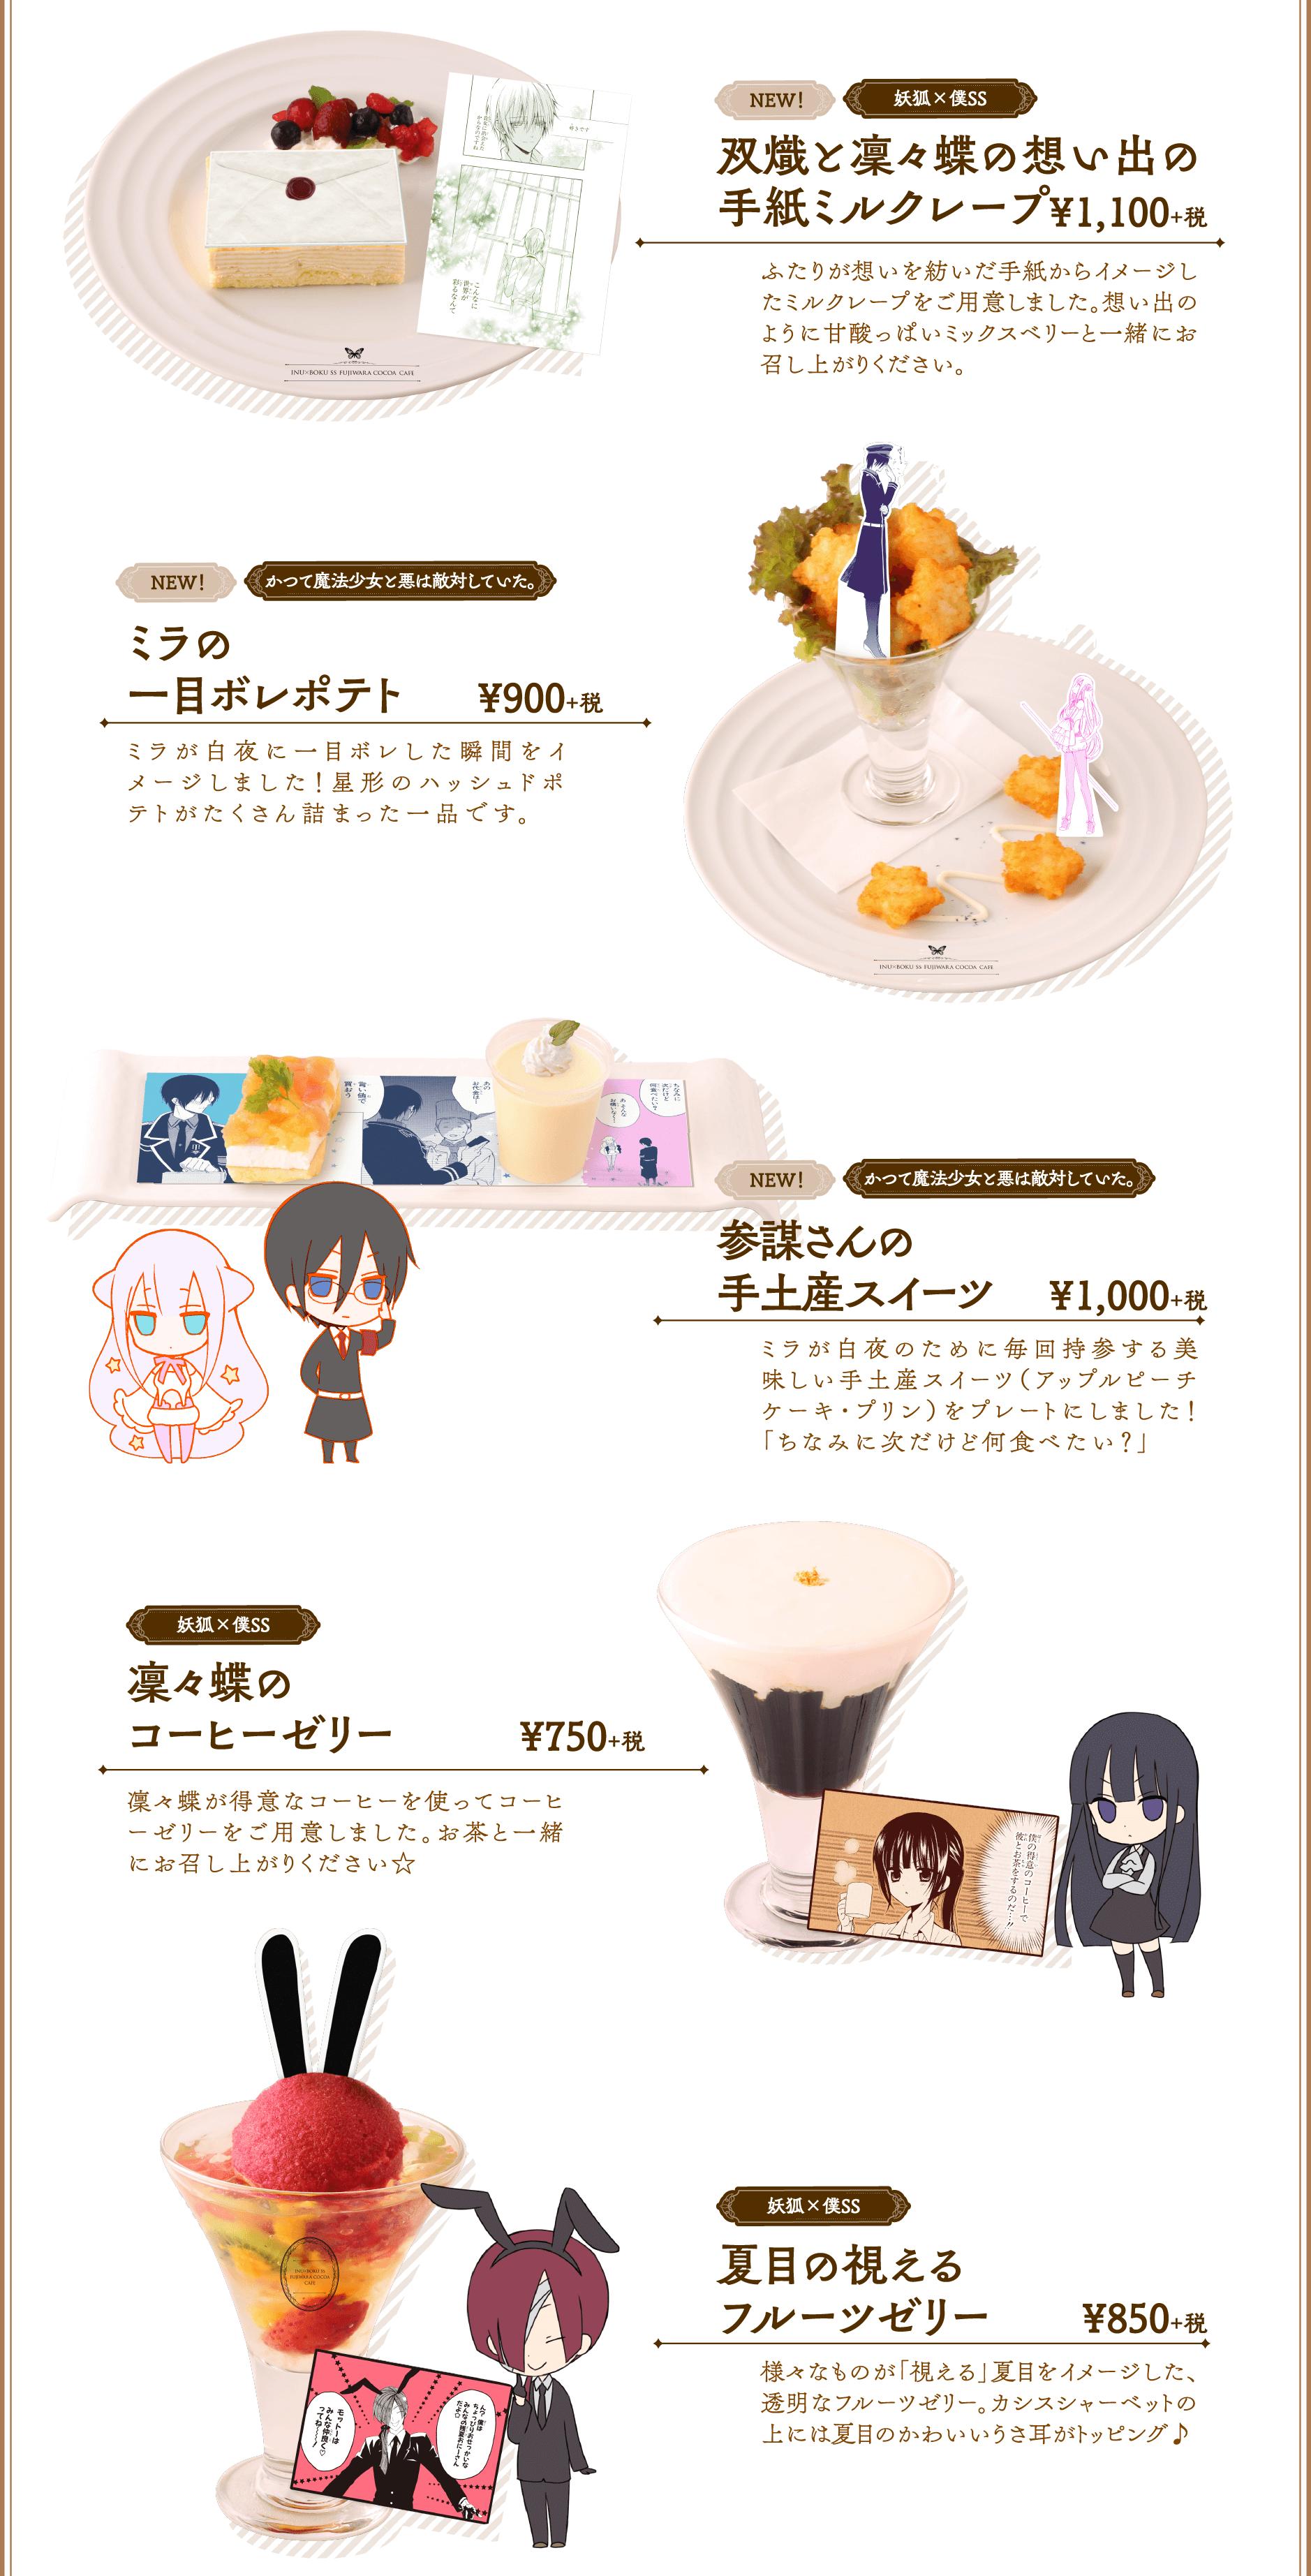 menu-2-2-20190827.png